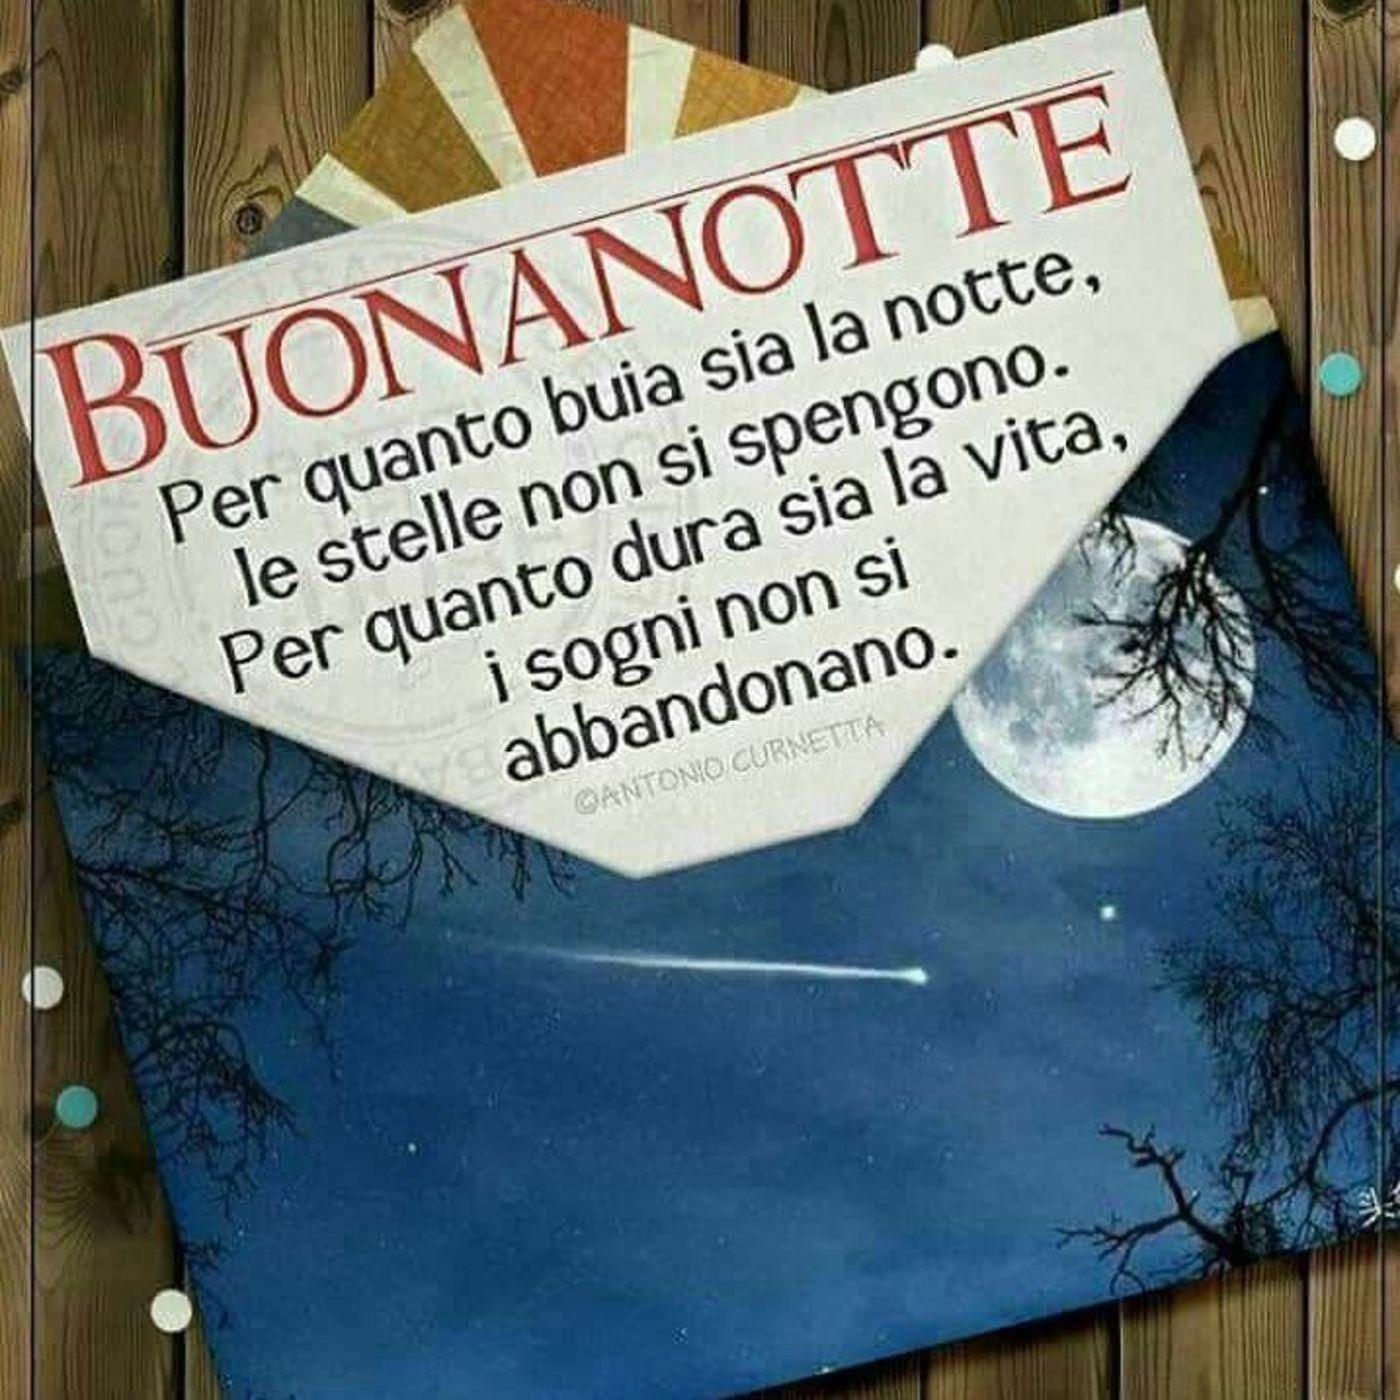 Bacionotte Buongiornissimocaffe It